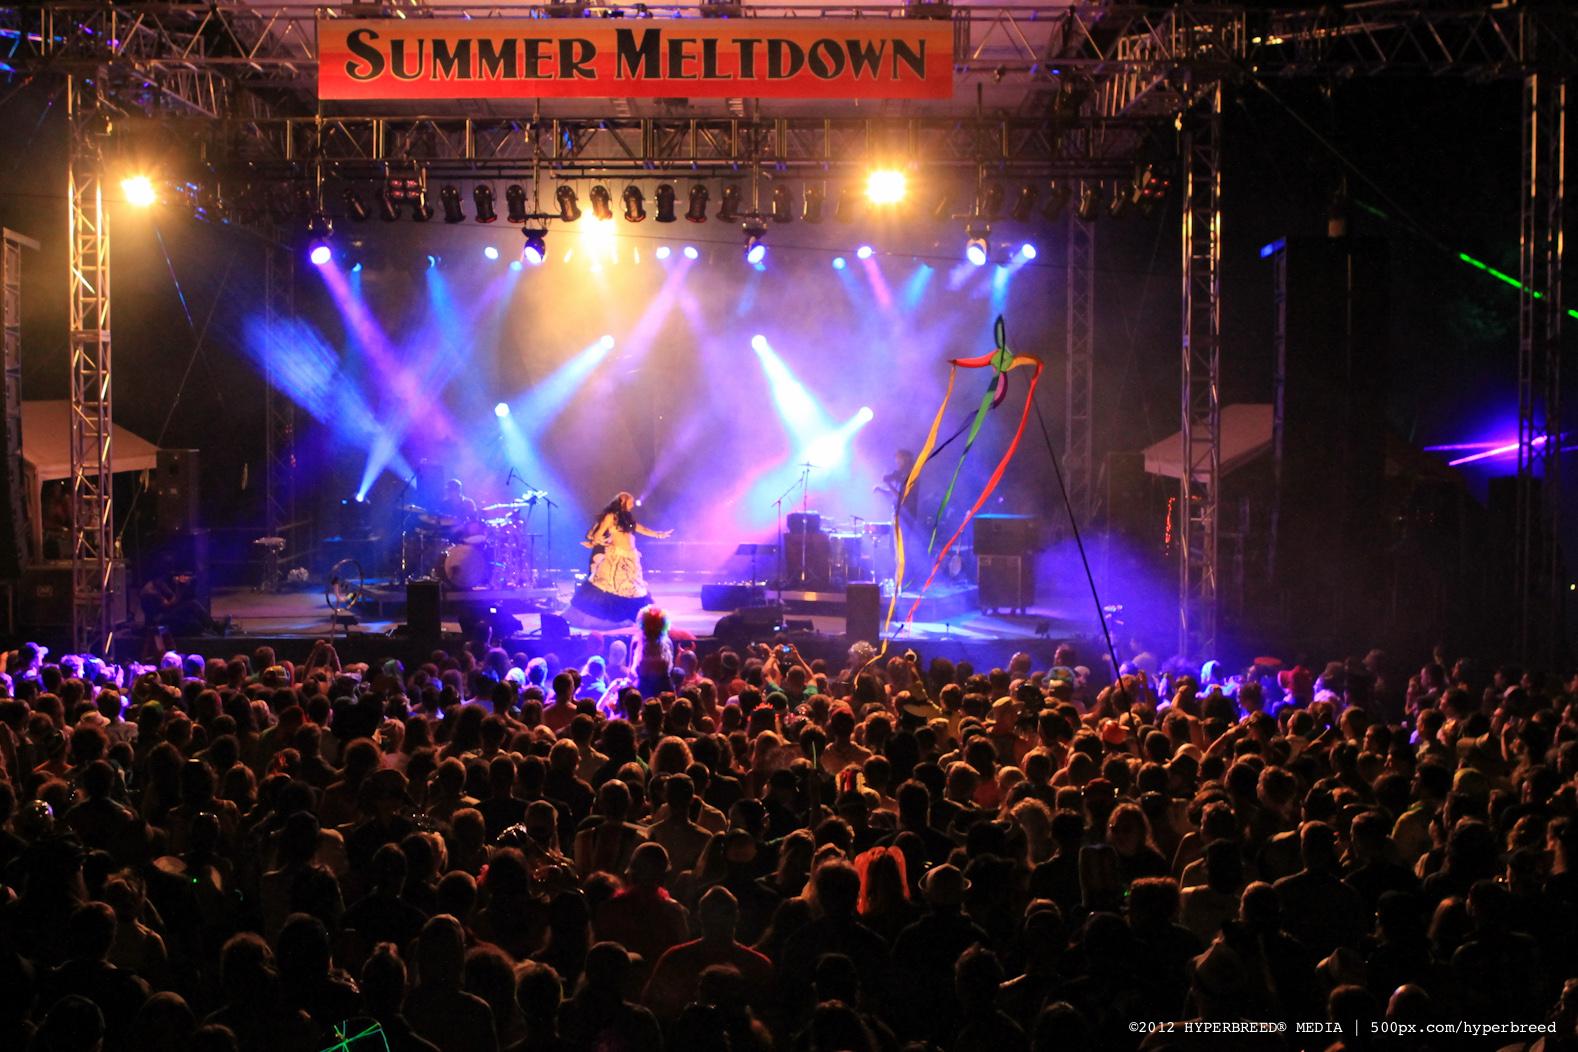 Summer Meltdown 2012 – All Photos By Martin Darbyshir (HYPERBREED® MEDIA)